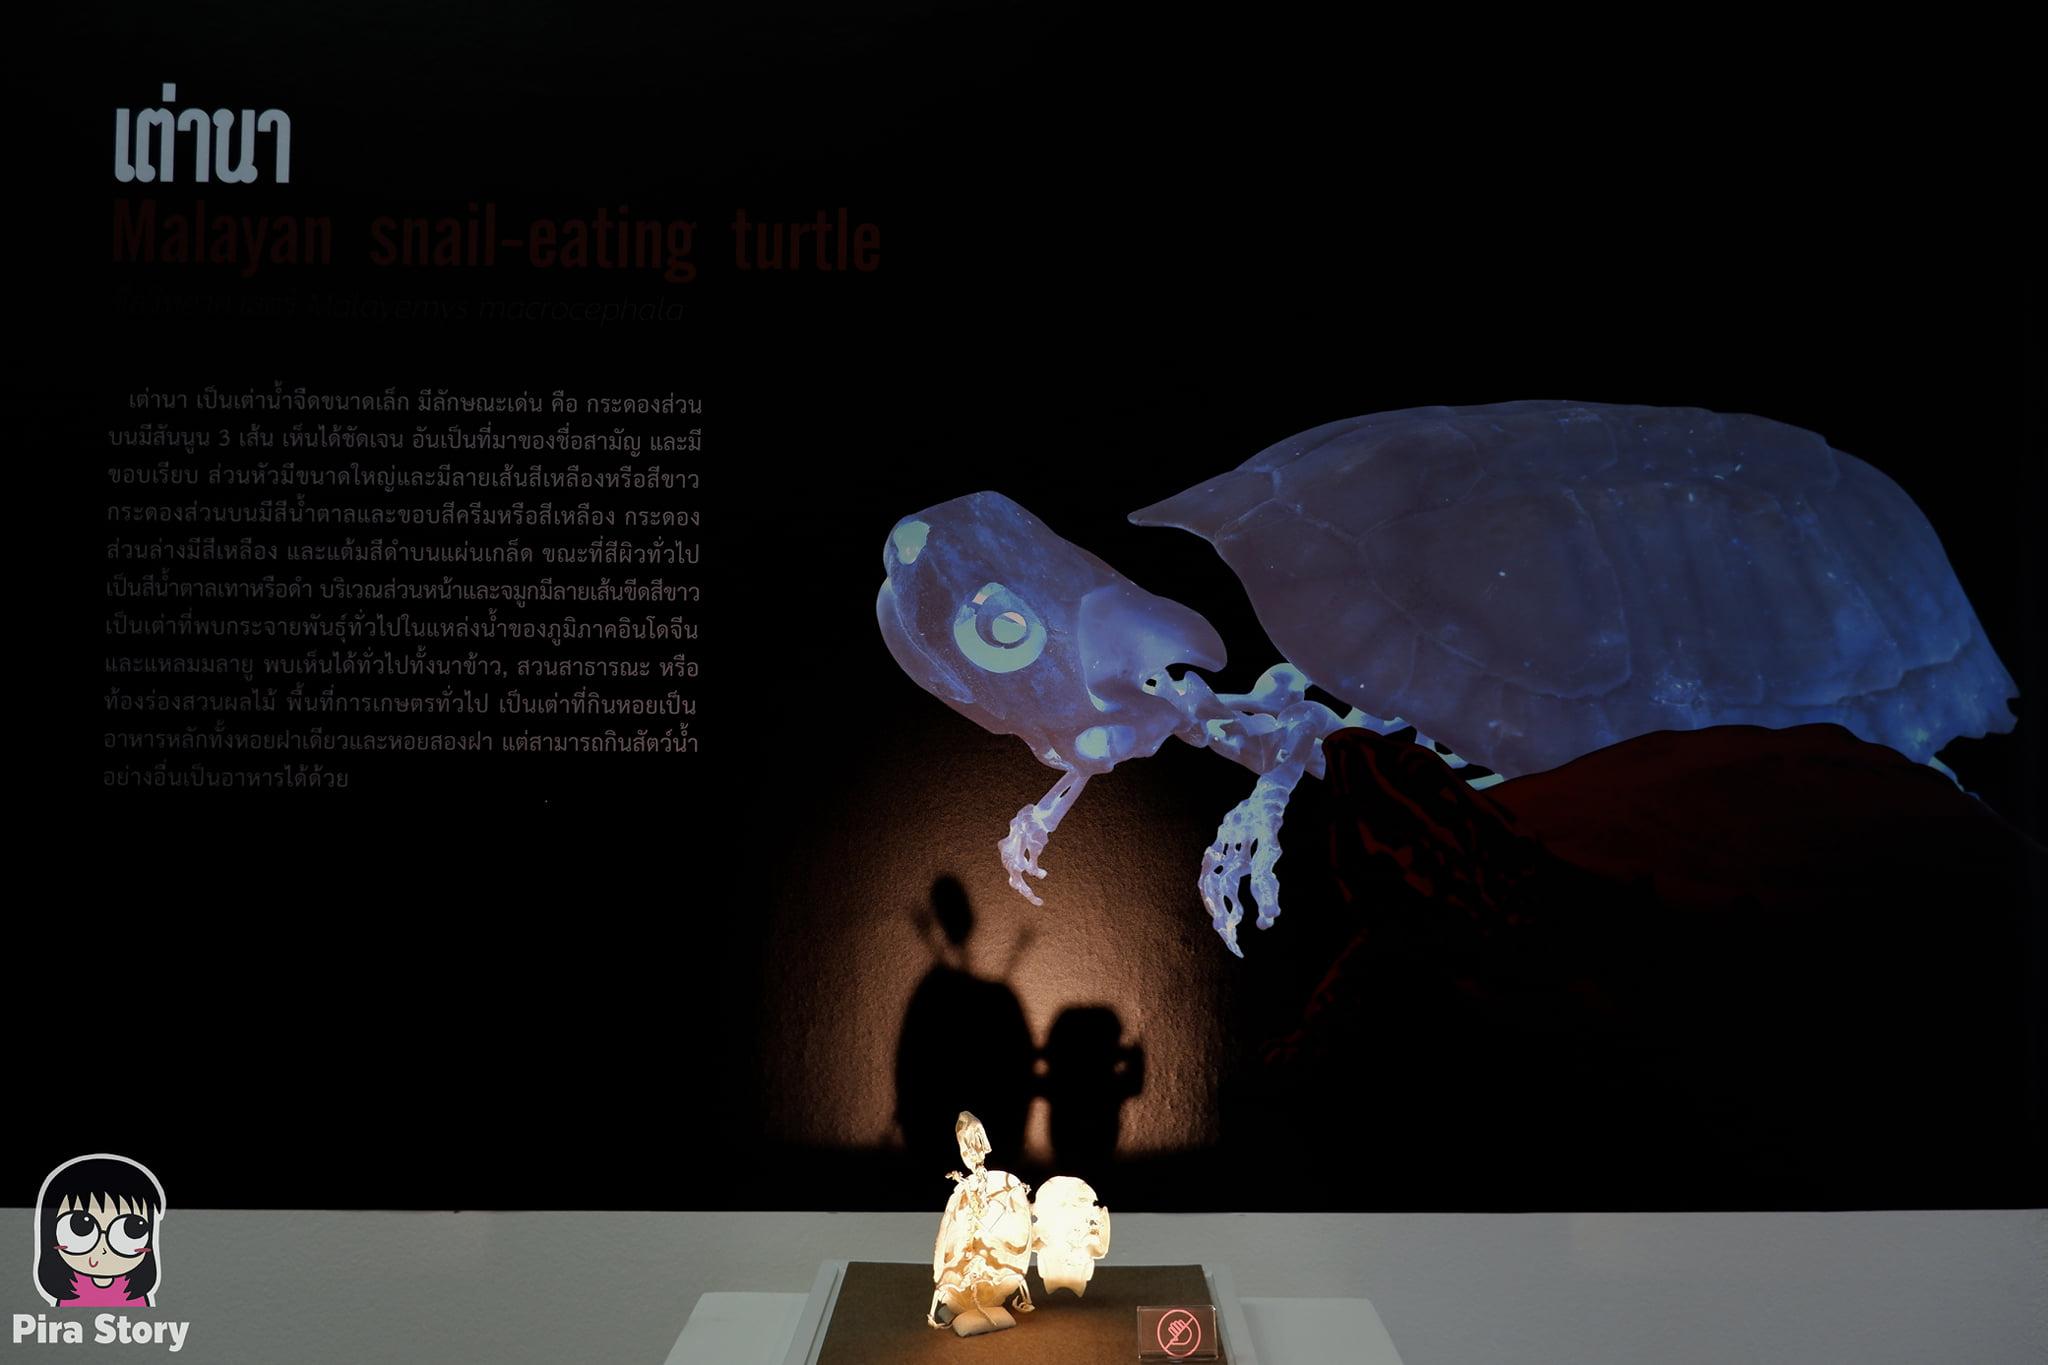 ความลับของโครงกระดูก Skeleton's Secrets ศึกษากายวิภาคสัตว์ ที่พิพิธภัณฑ์ จุฬาลงกรณ์มหาวิทยาลัย คณะวิทยาศาสตร์ ชีววิทยา Night at the museum 2020 เที่ยวพิพิธภัณฑ์ เที่ยวกรุงเทพ สยาม กระดูกสัตว์ กายวิภาคศาสตร์ โครงสร้างร่างกาย โครงสร้างกระดูก สัตว์เลี้ยงลูกด้วยนม สัตว์มีกระดูกสันหลัง กระดูกเต่า กระดองเต่า เต่านา